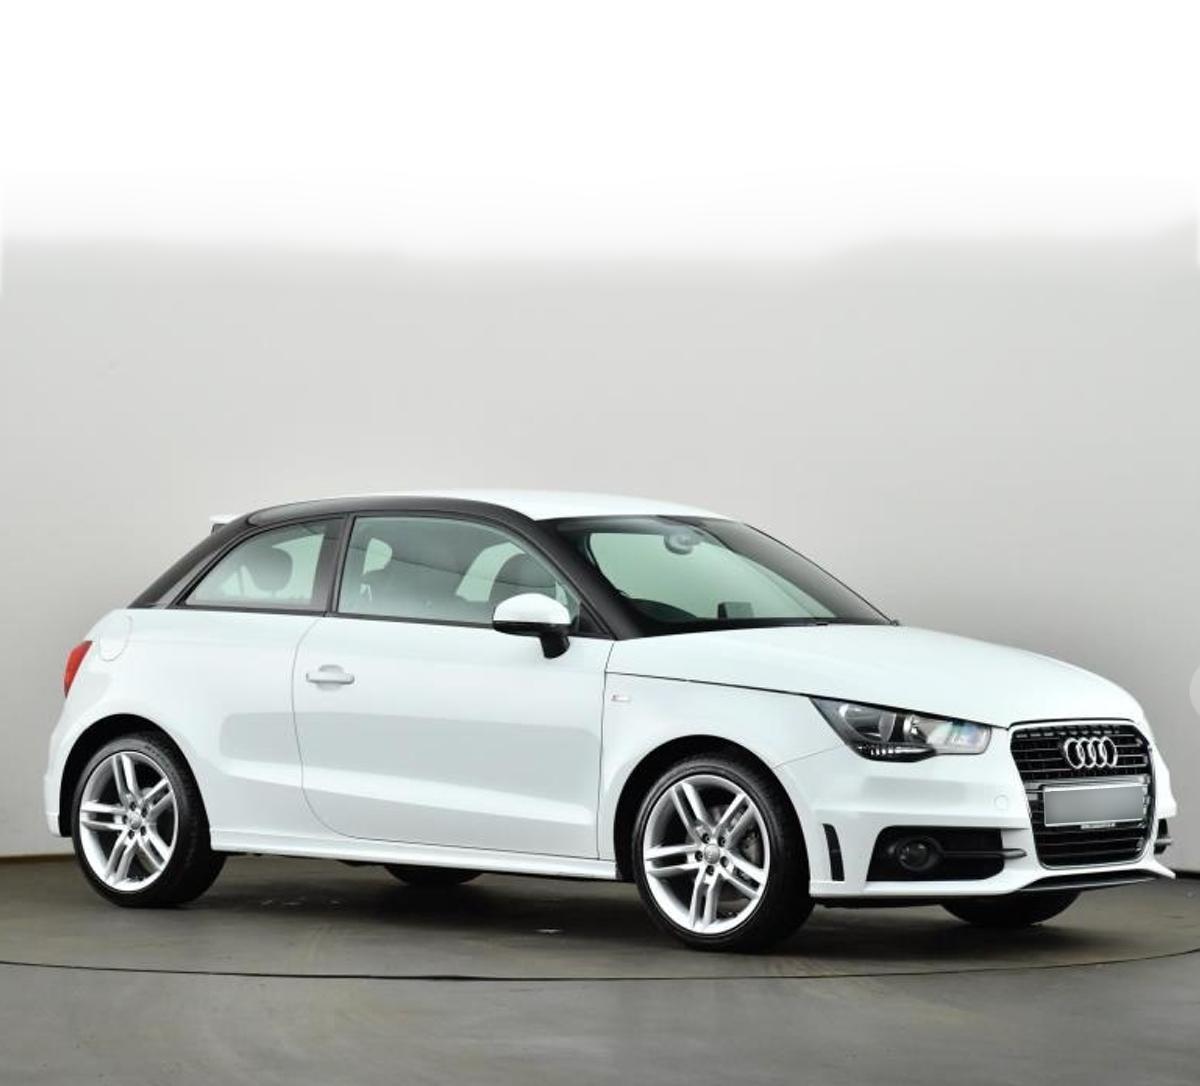 Audi Q3 Tfsi Quattro Sport Suv Estate: Audi A1 1.4 TFSI S Line 3dr